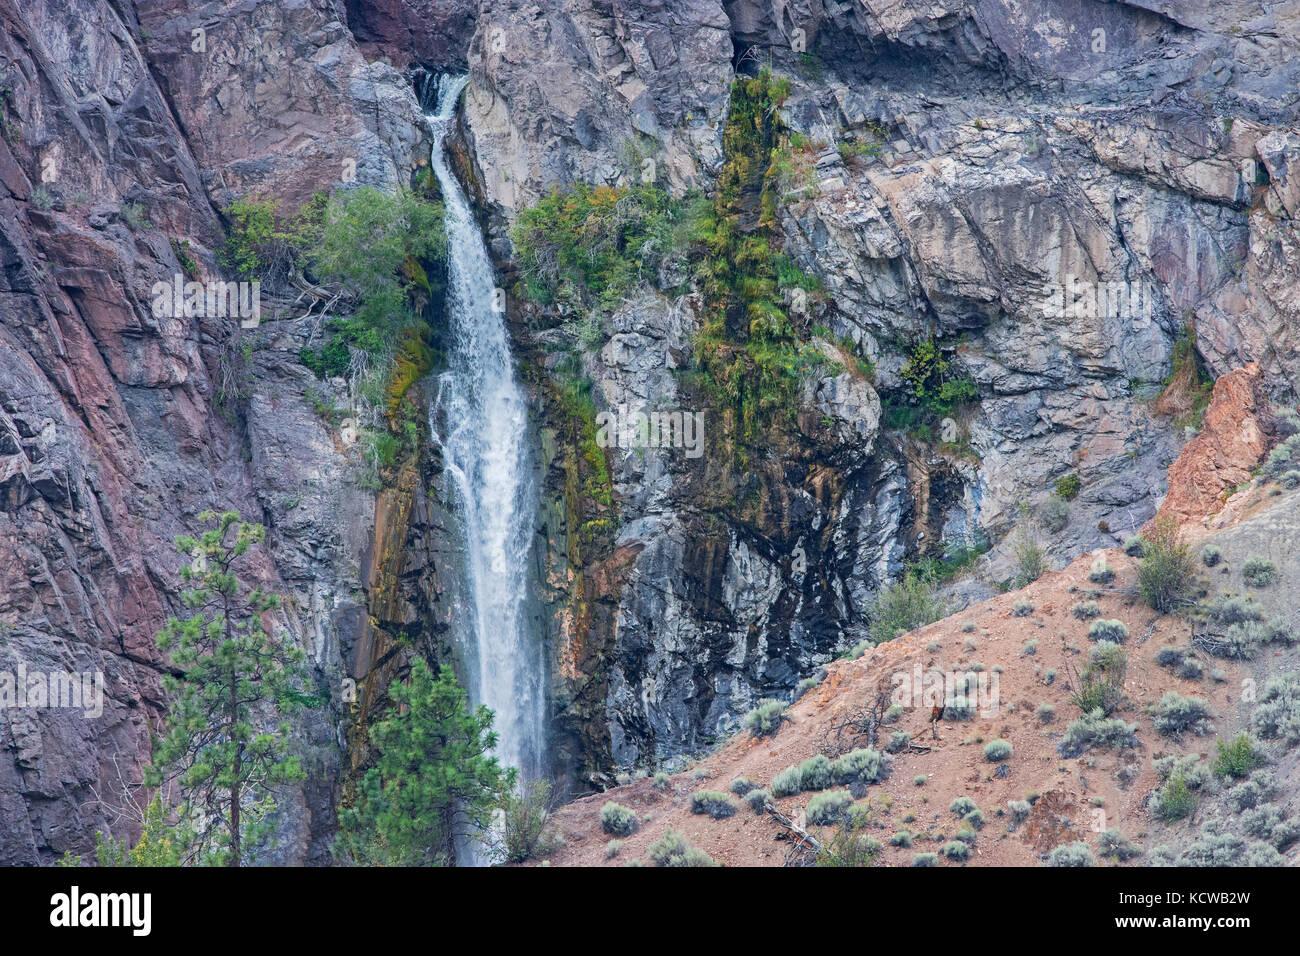 Les murs de canyon avec des pins, Lytton, Colombie-Britannique, Canada Banque D'Images